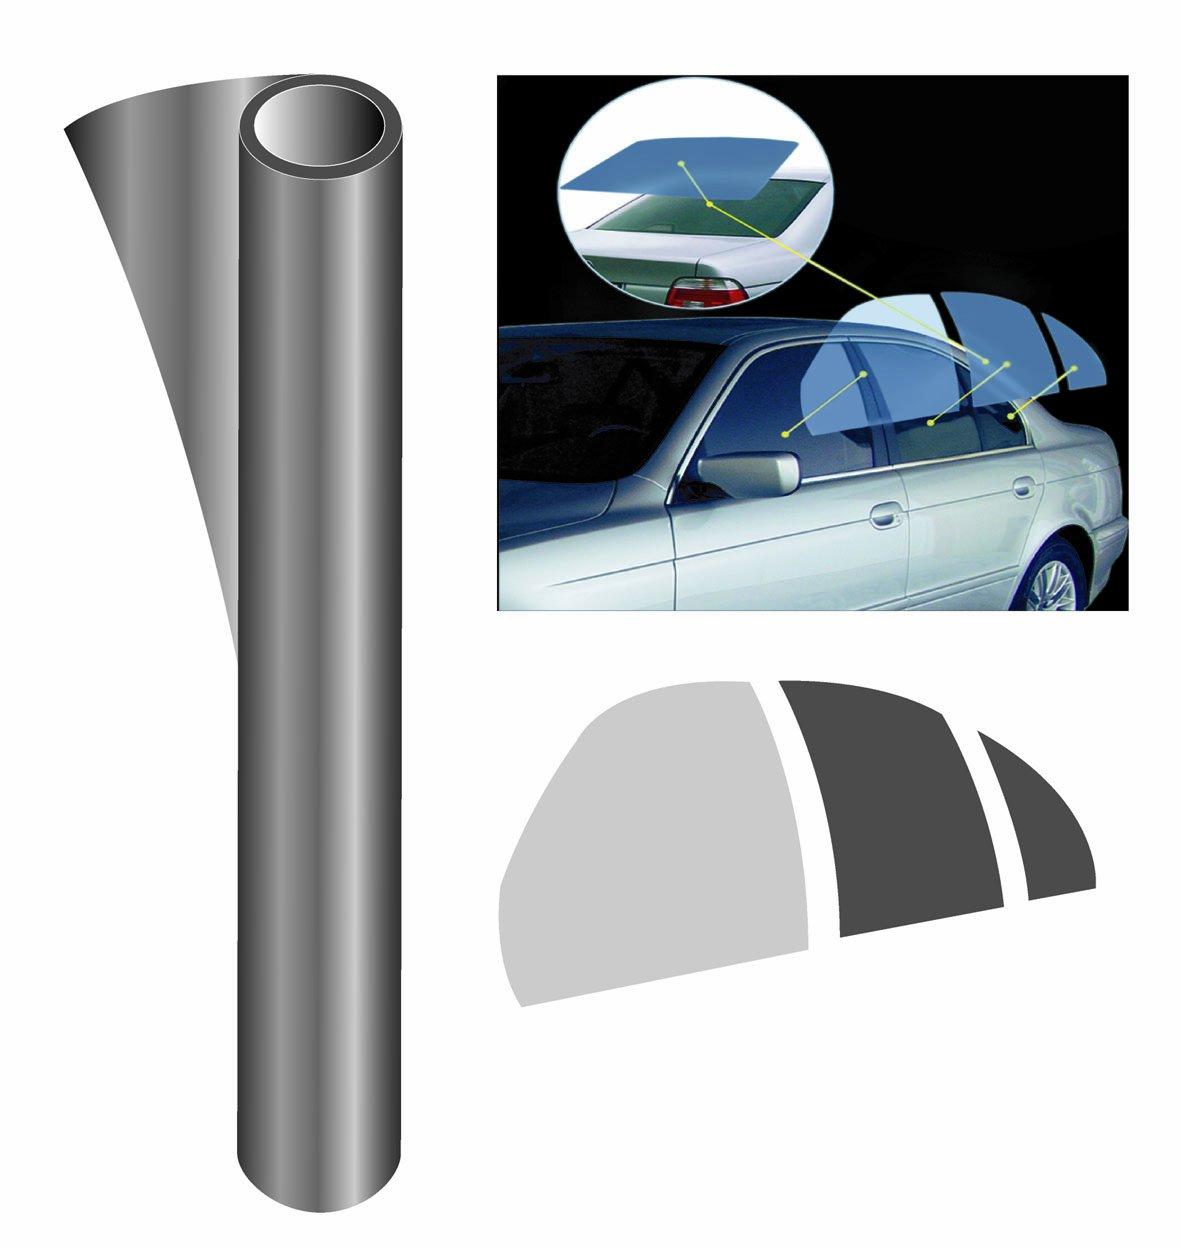 Trillogy PC-801DSR - Pellicola protettiva anti-UV sagomata per lunotto posteriore, colore: Grigio fumo scuro